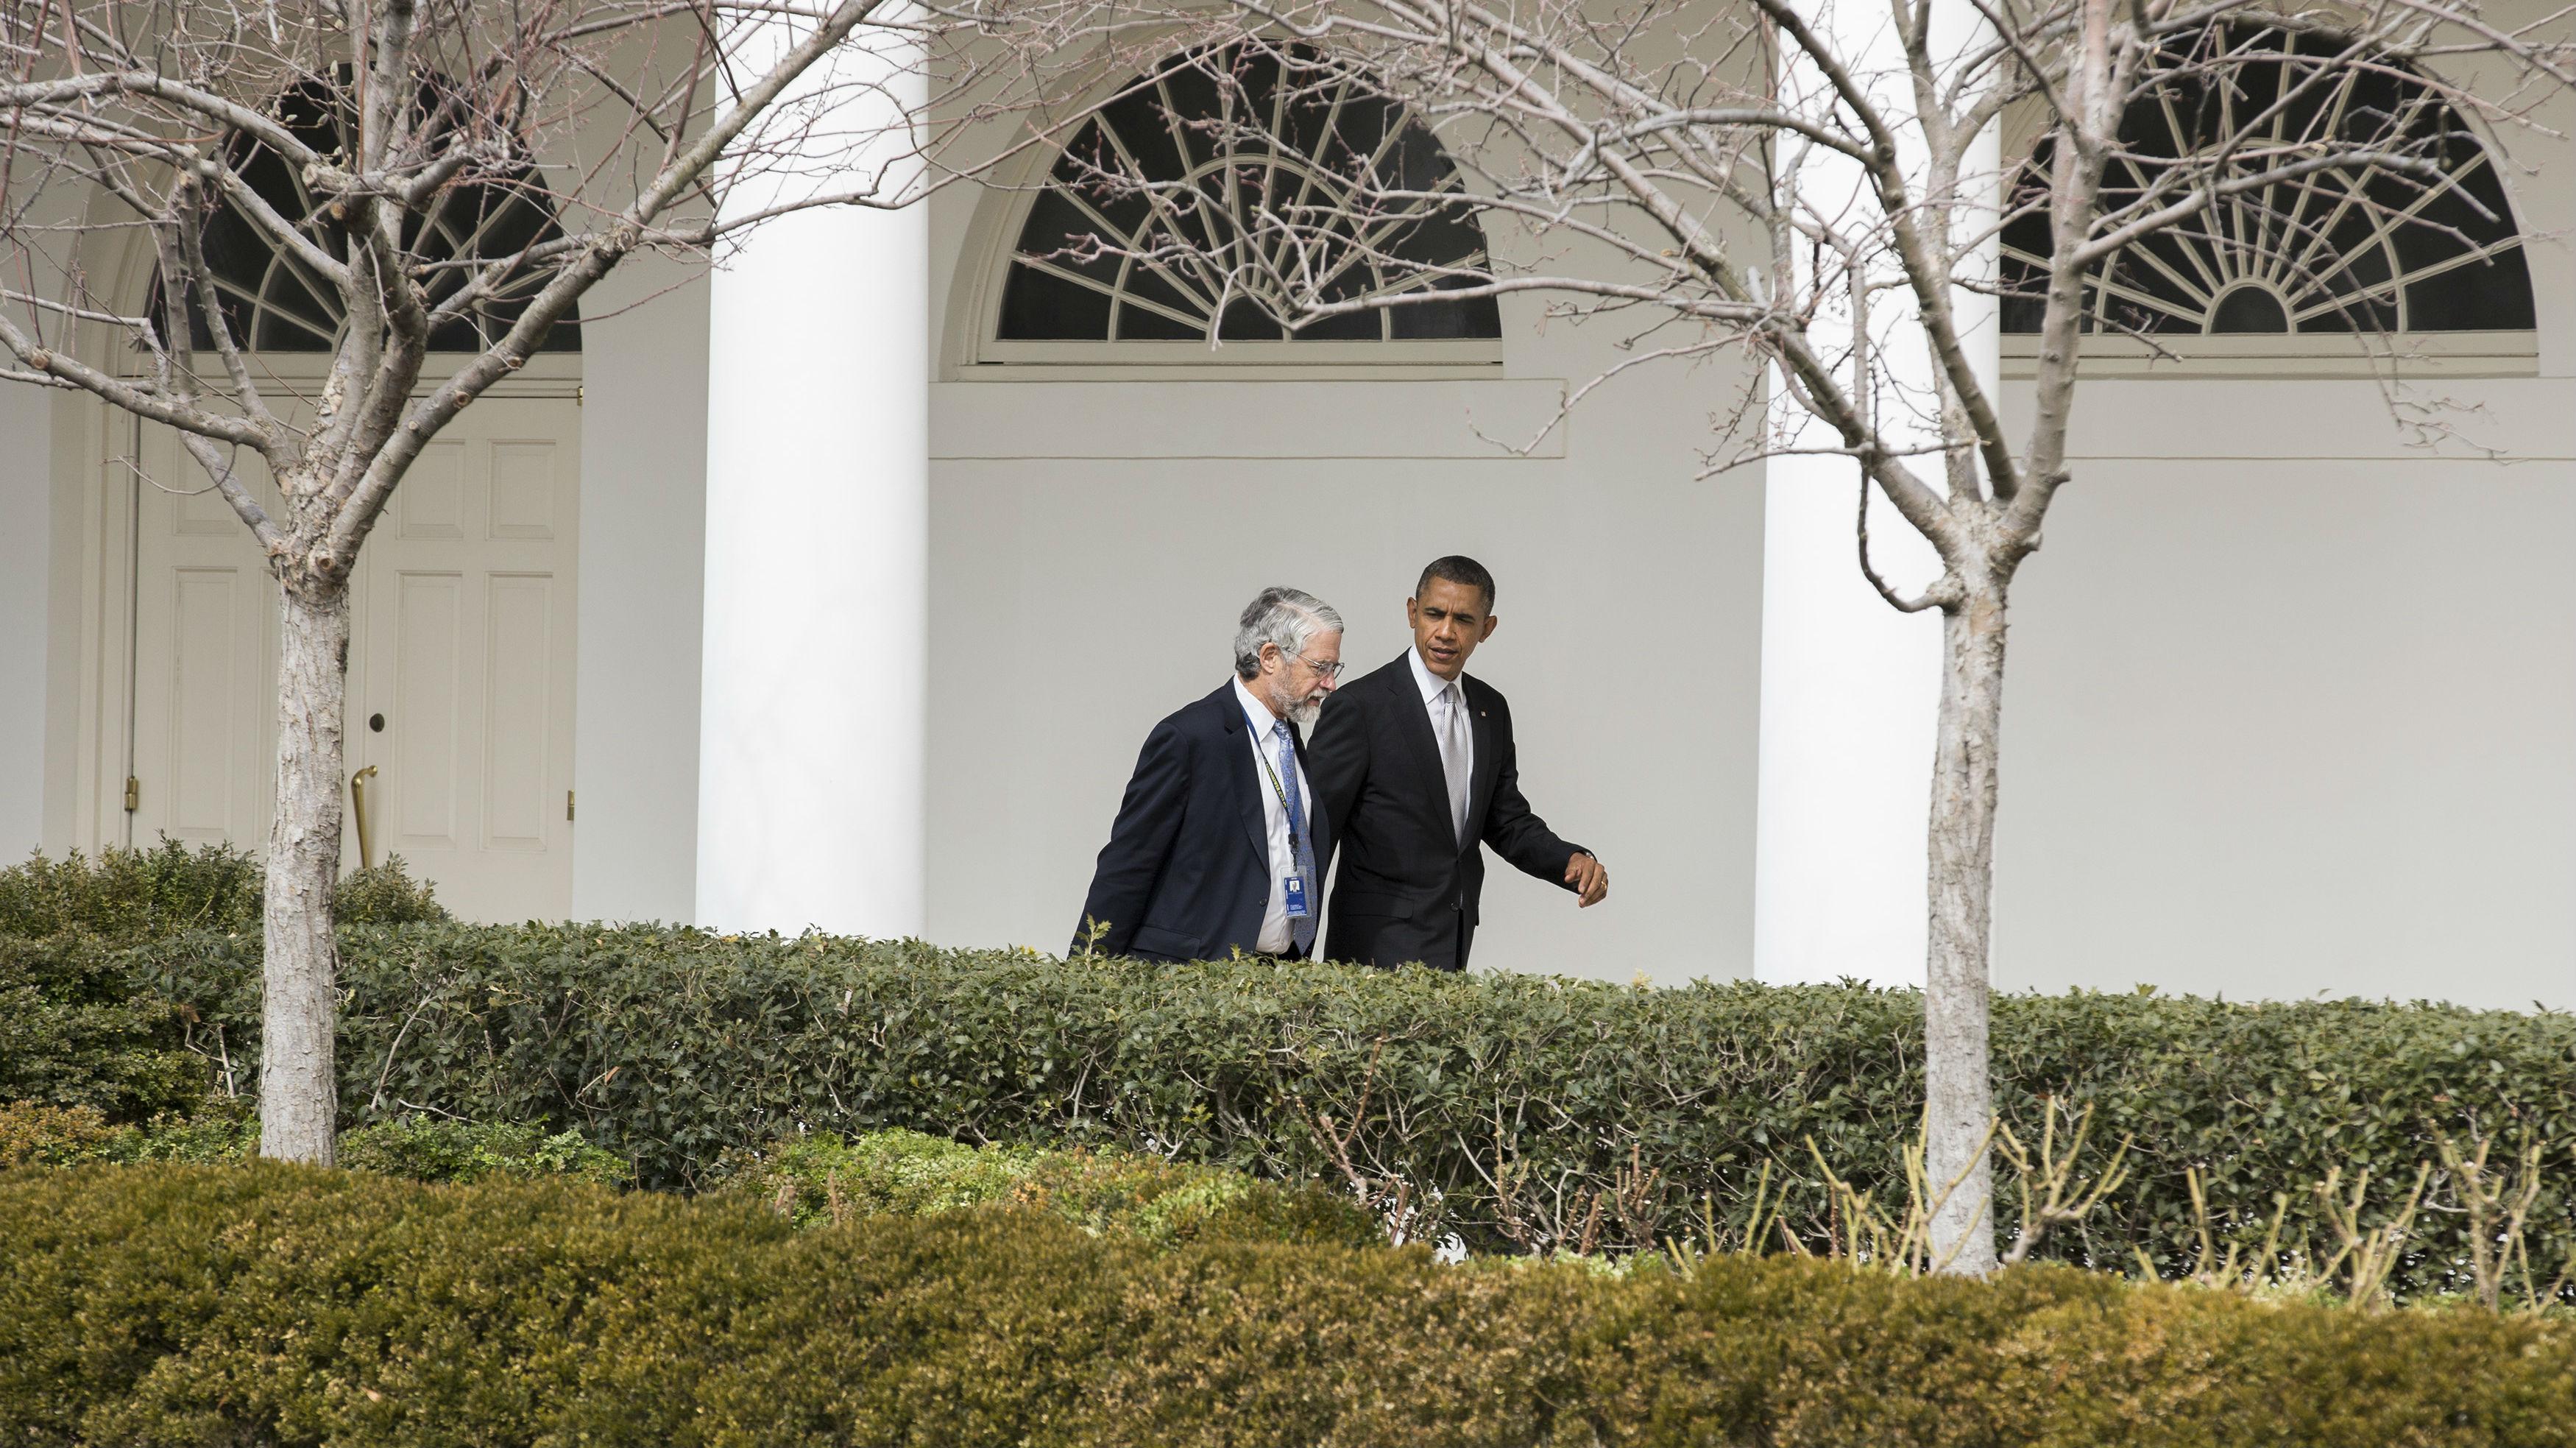 Former US president Barack Obama and his science advisor John Holdern walking at the White House